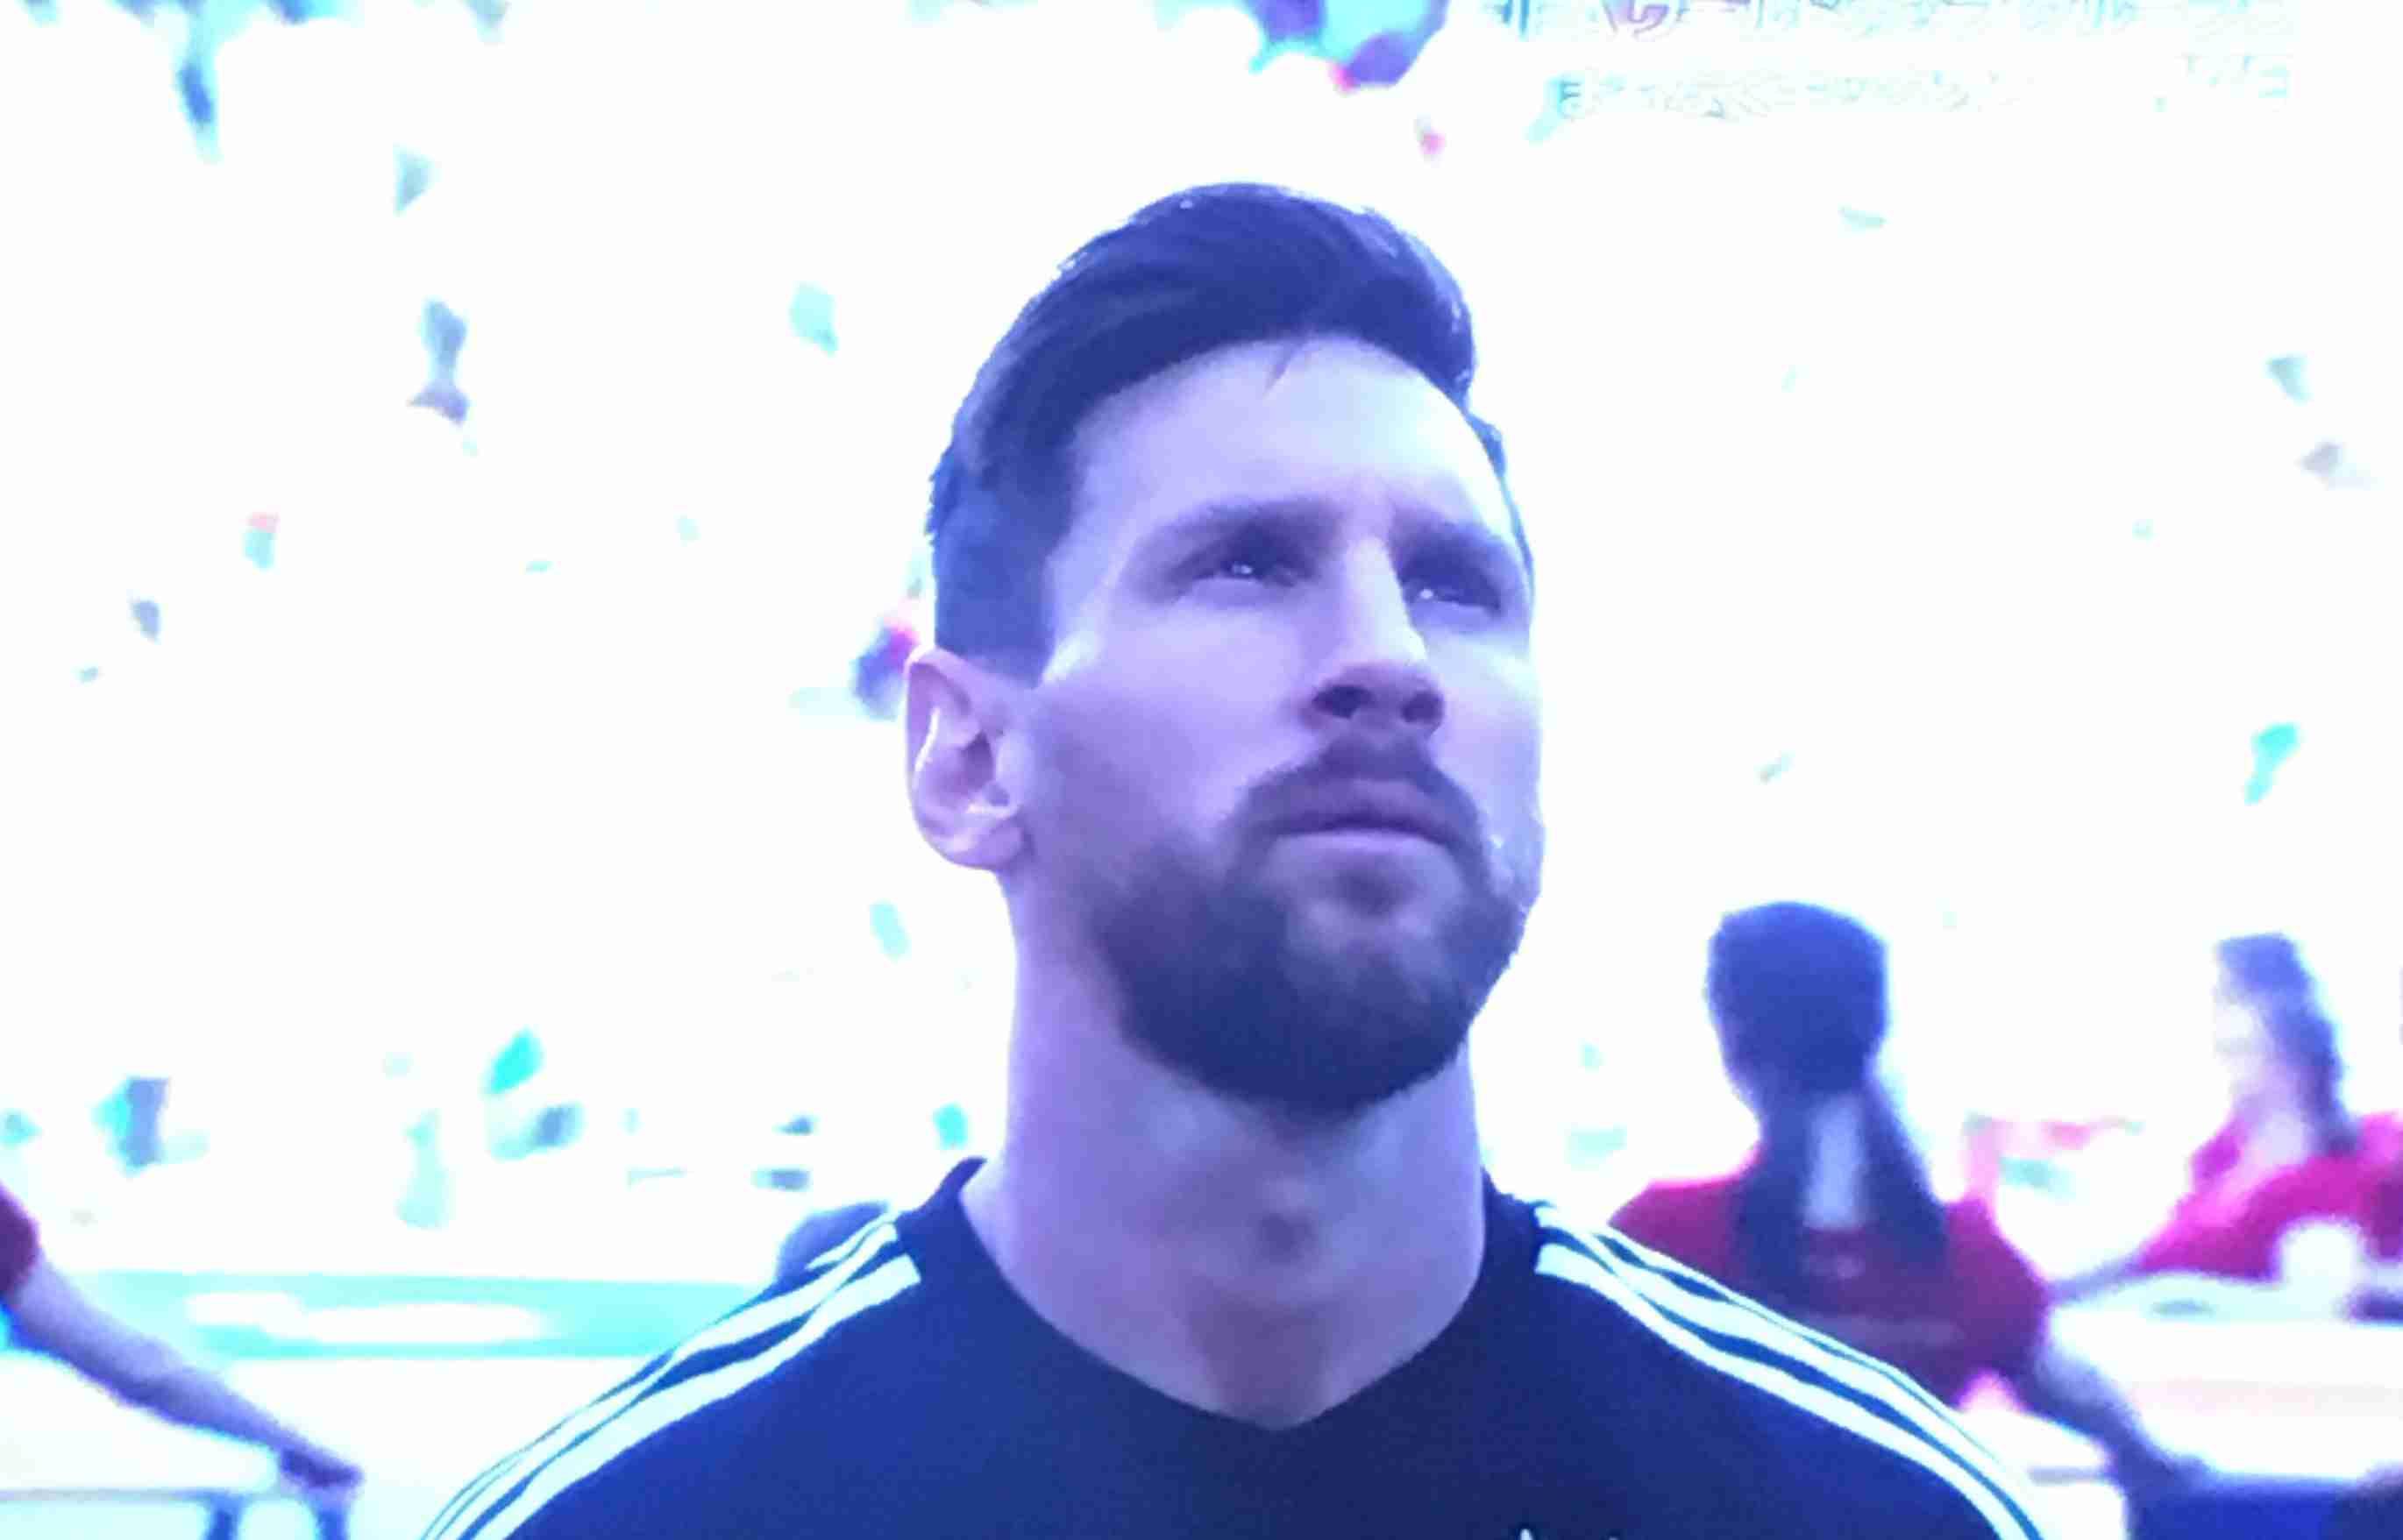 【実況・感想】FIFA ワールドカップ ロシア 総合トピ 3日目